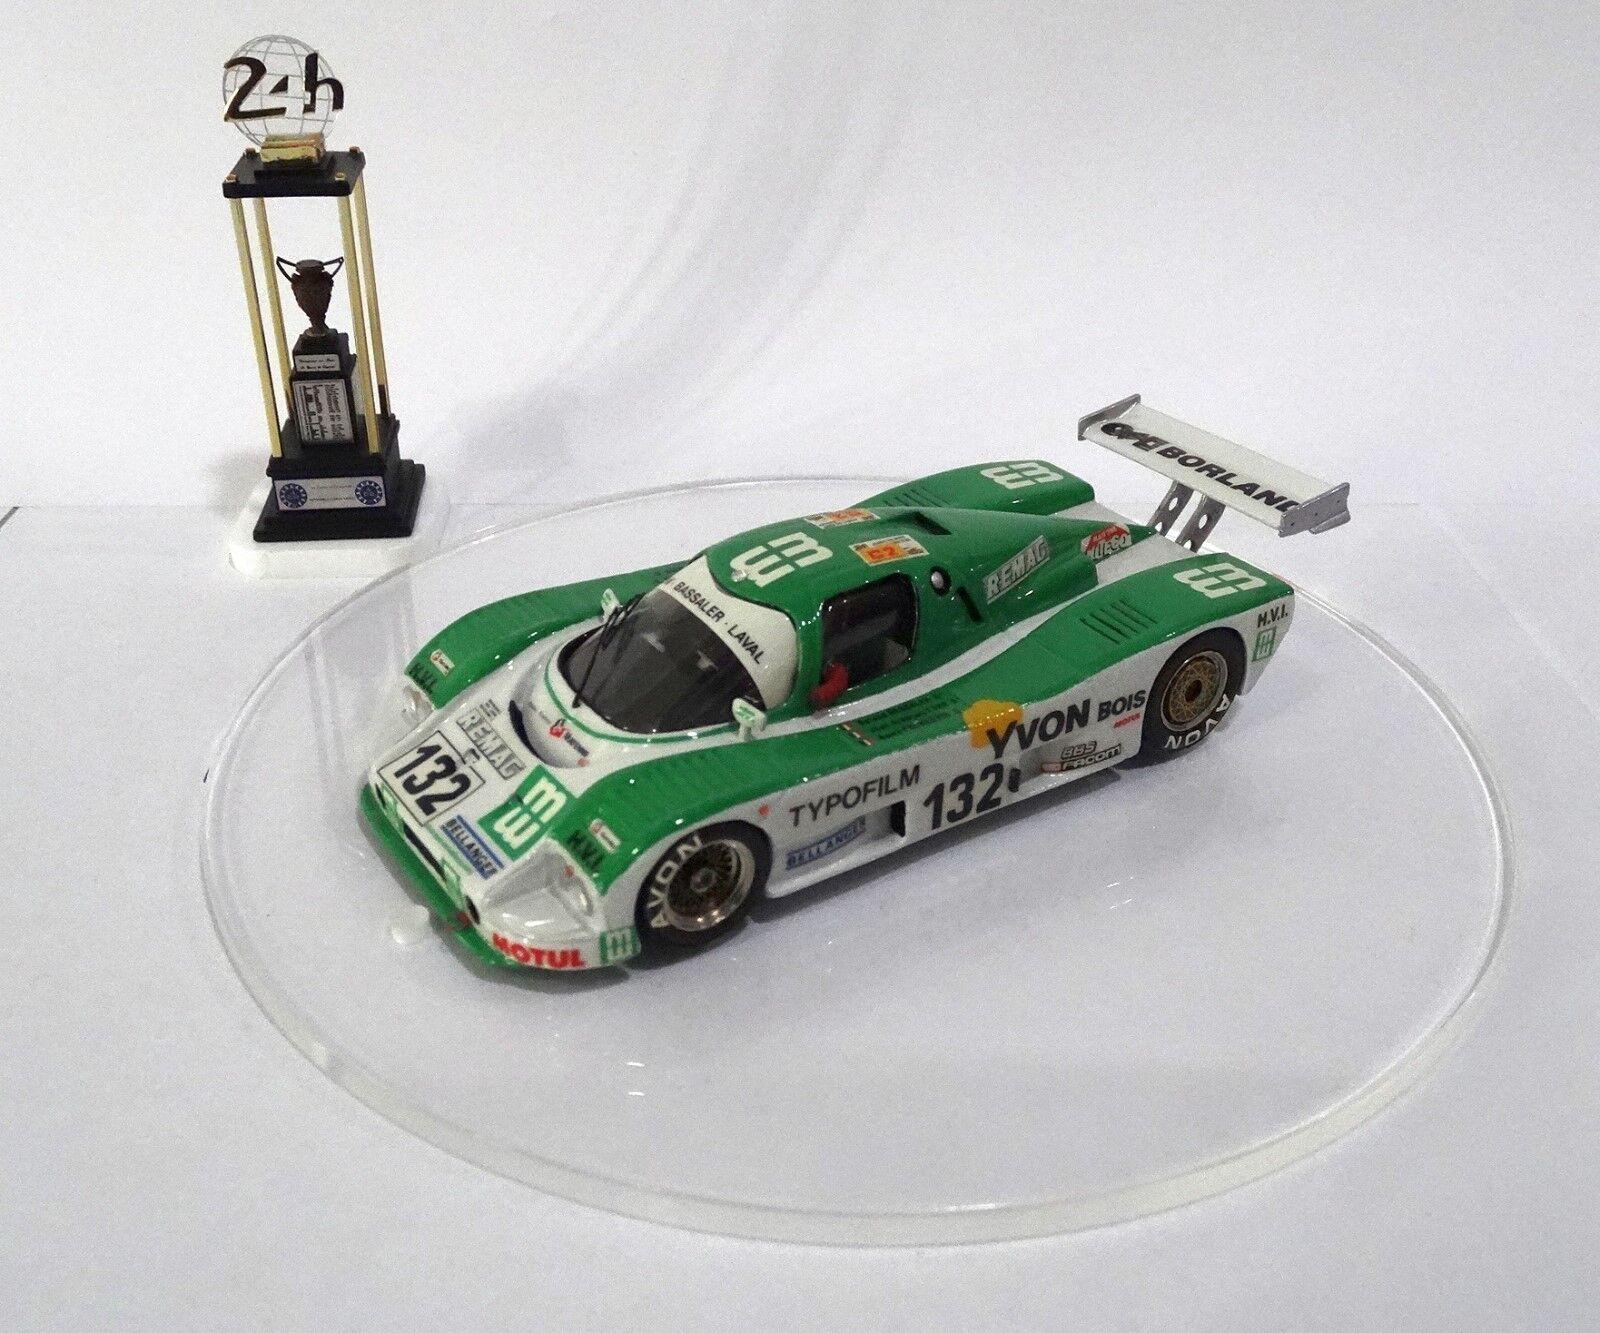 respuestas rápidas SAUBER C6 typofilm  132 Le Mans 24 H 1988 1988 1988 Built Monté Kit 1 43 no spark  tomamos a los clientes como nuestro dios